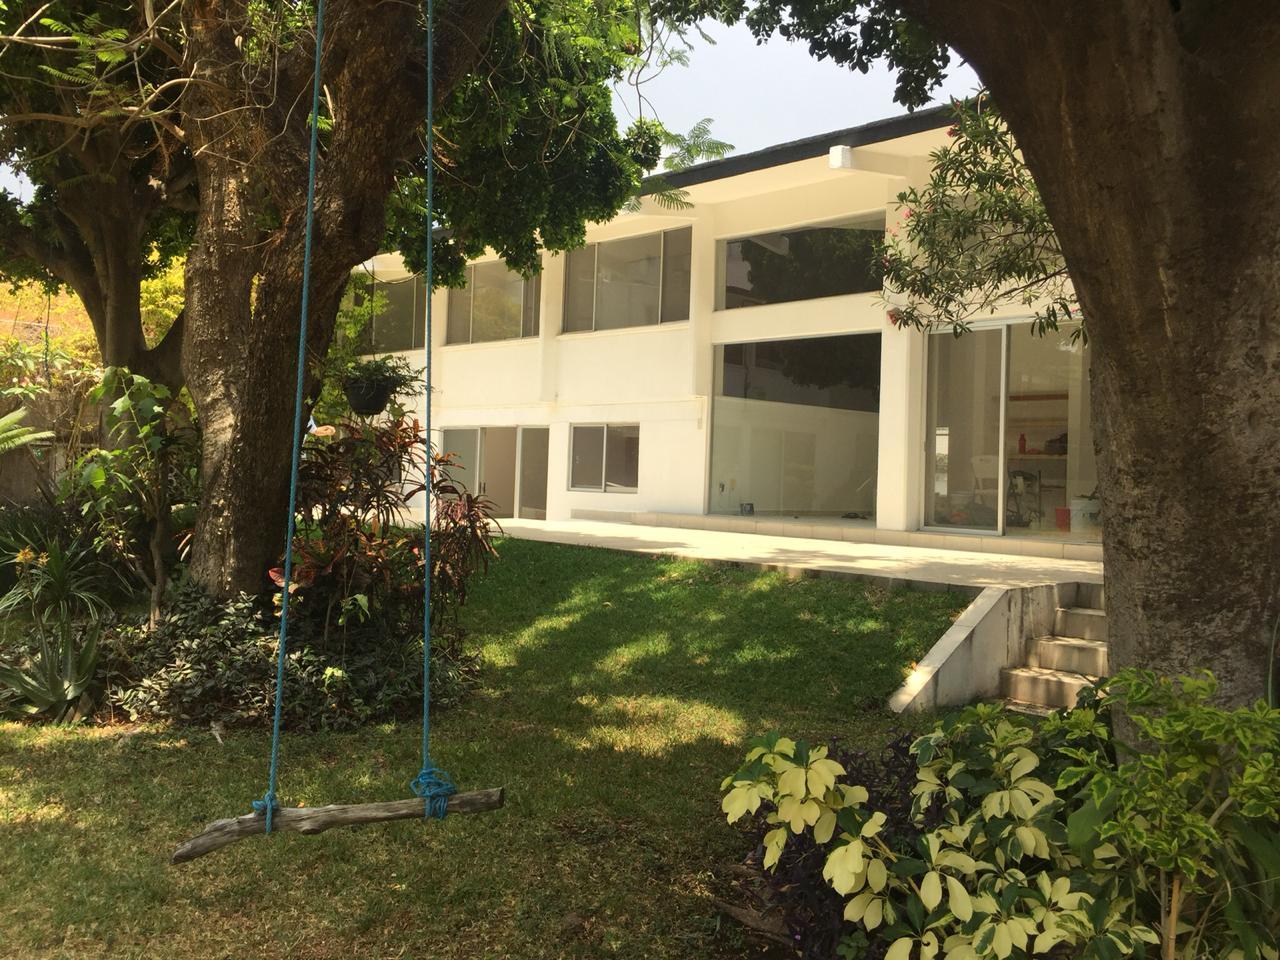 Casa en venta en condominio zona dorada